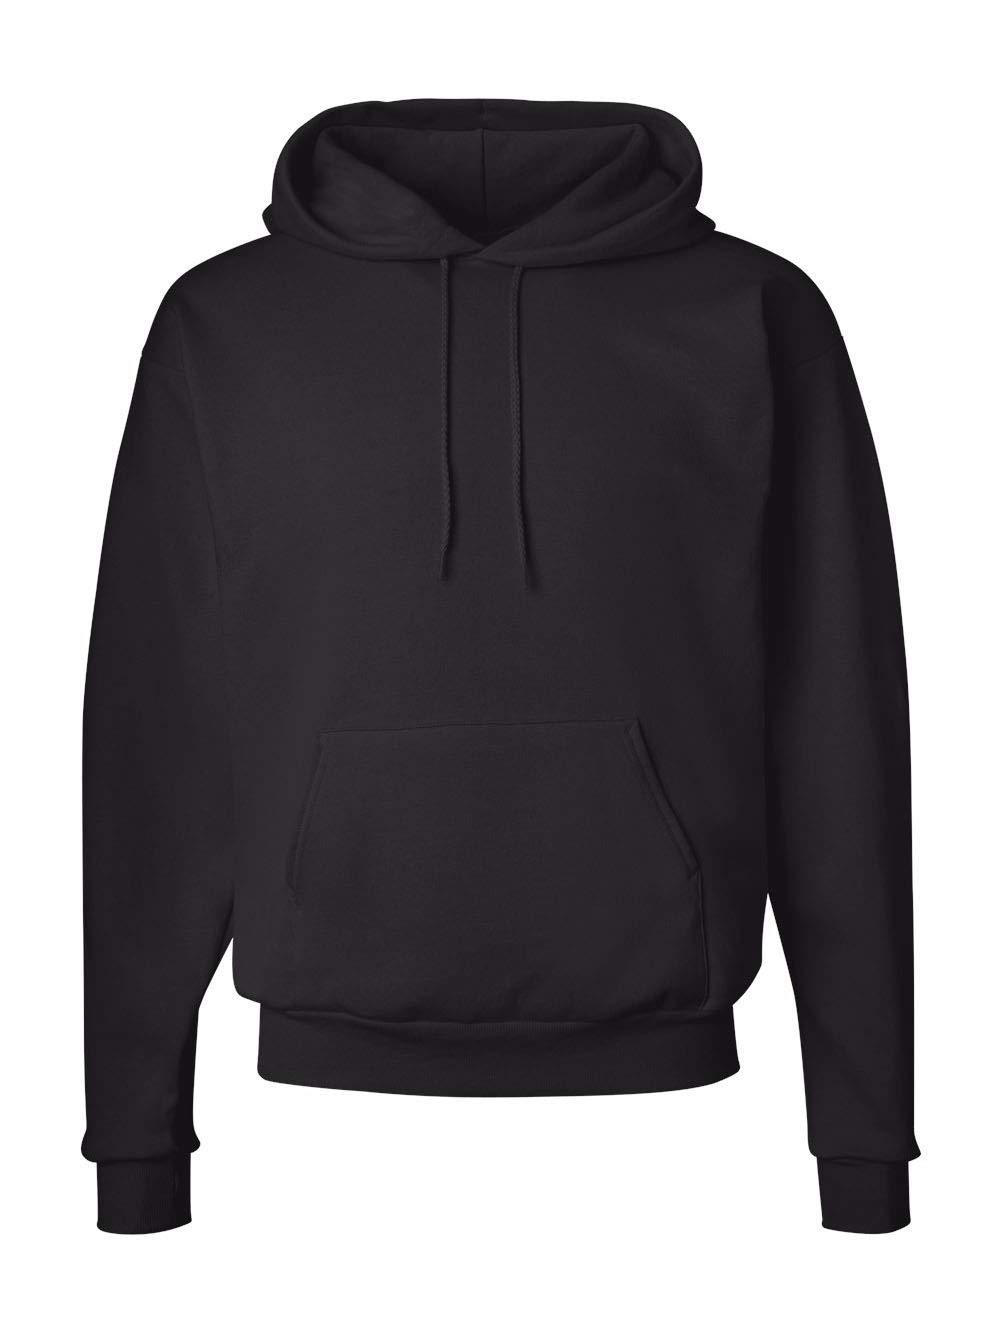 Hanes Men's Pullover EcoSmart Fleece Hoodie, Black, X-Large